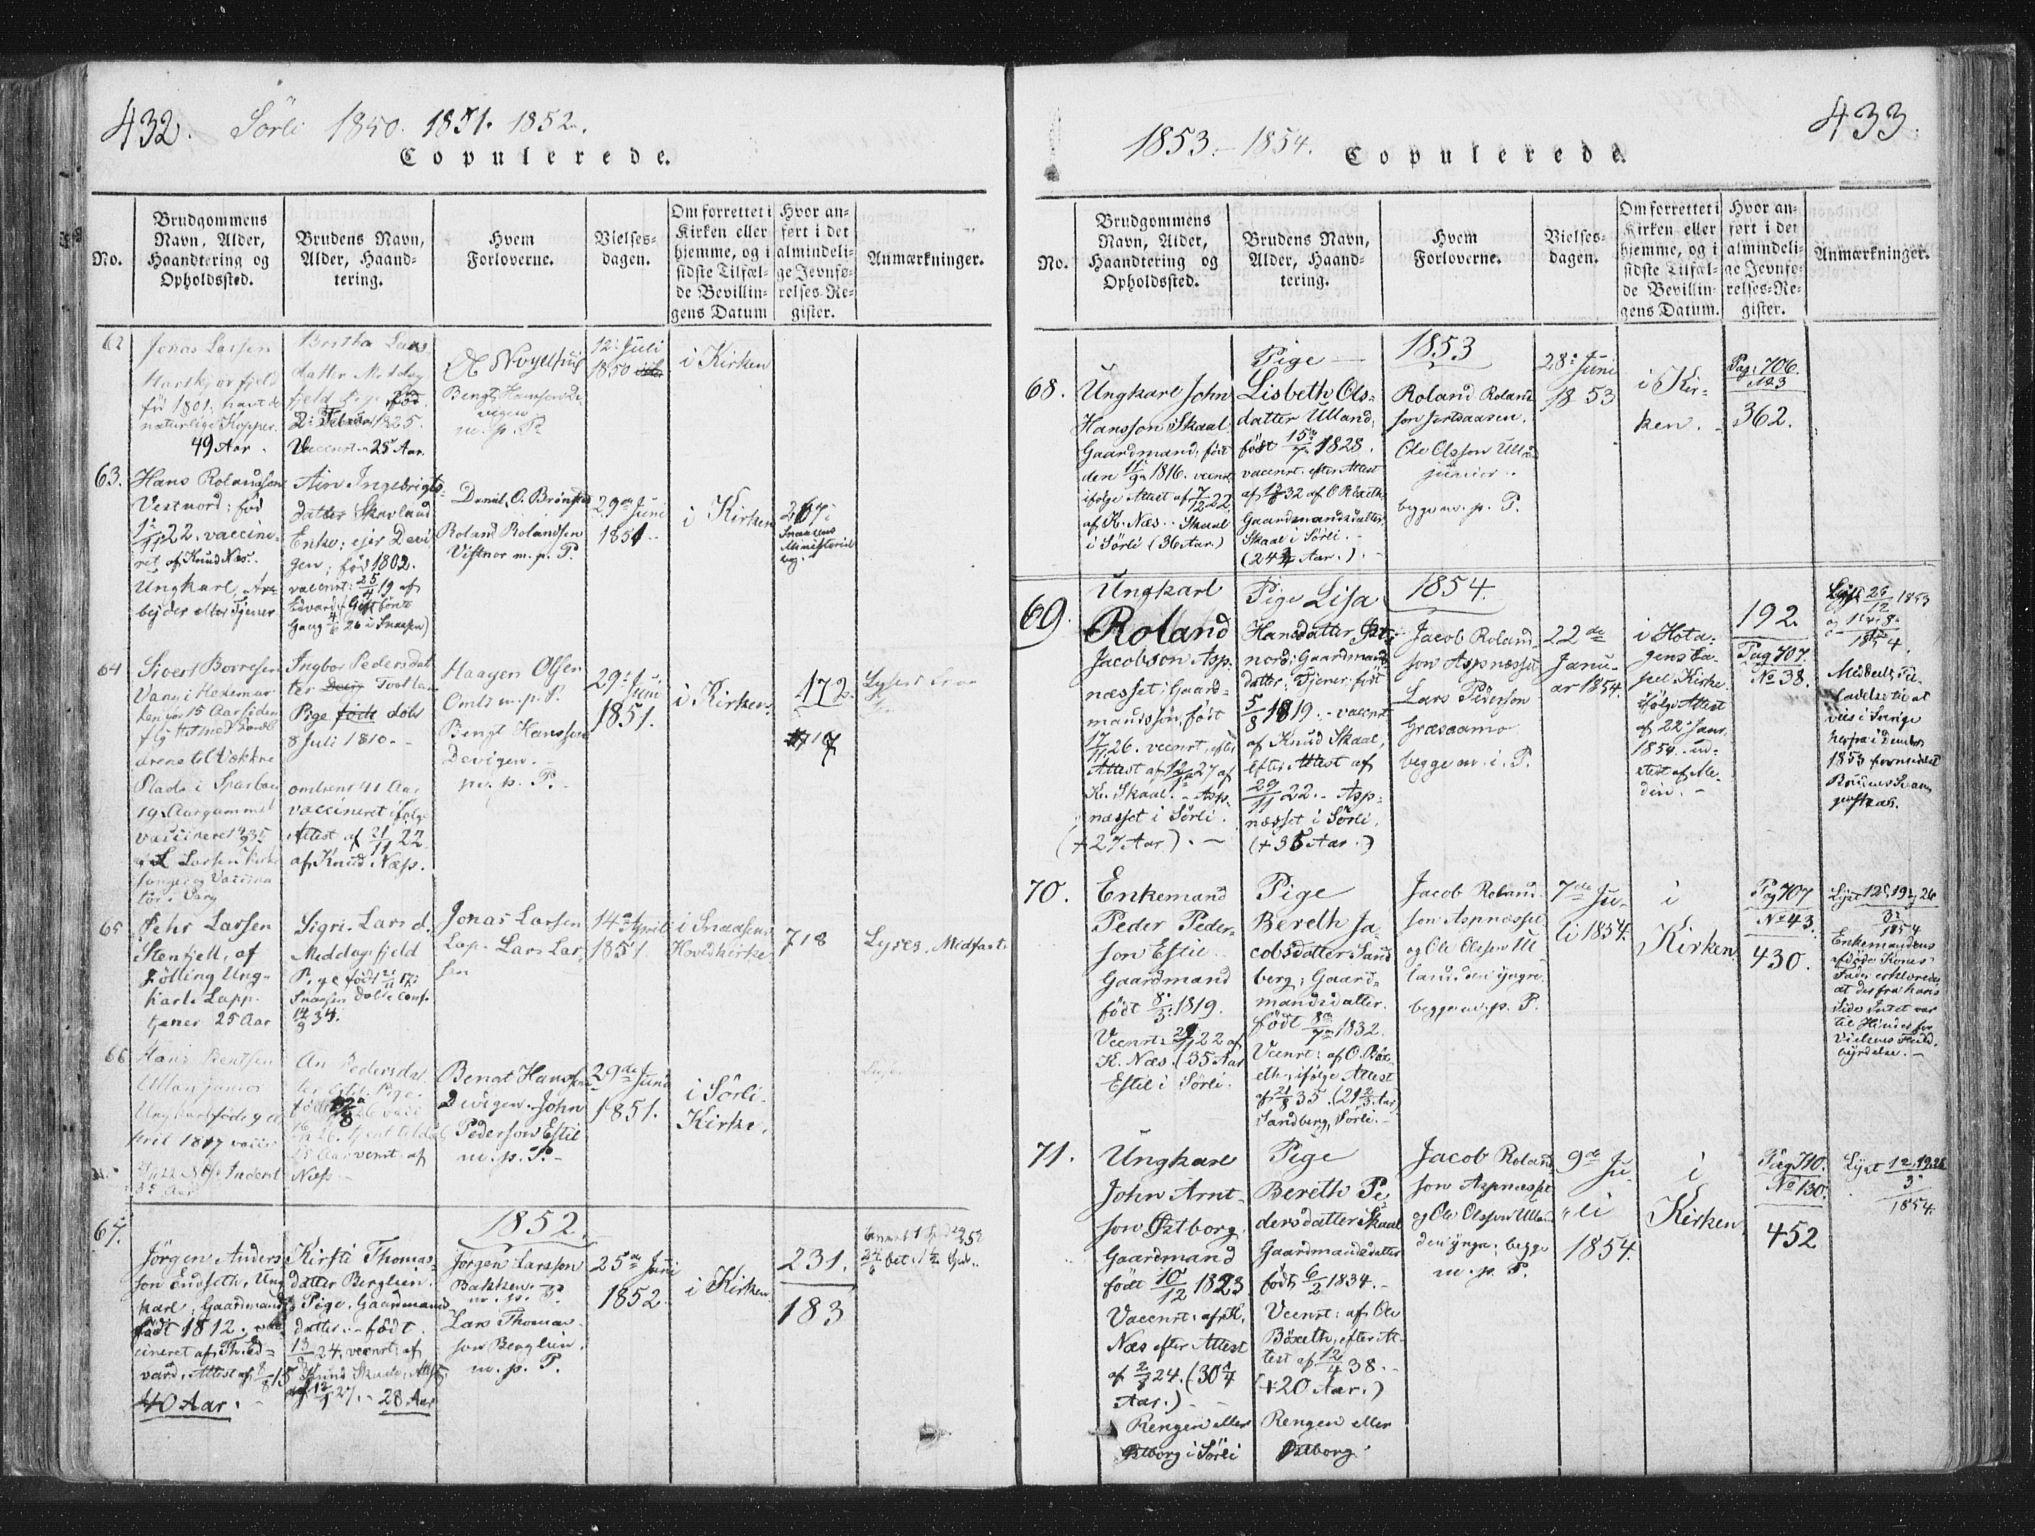 SAT, Ministerialprotokoller, klokkerbøker og fødselsregistre - Nord-Trøndelag, 755/L0491: Ministerialbok nr. 755A01 /2, 1817-1864, s. 432-433